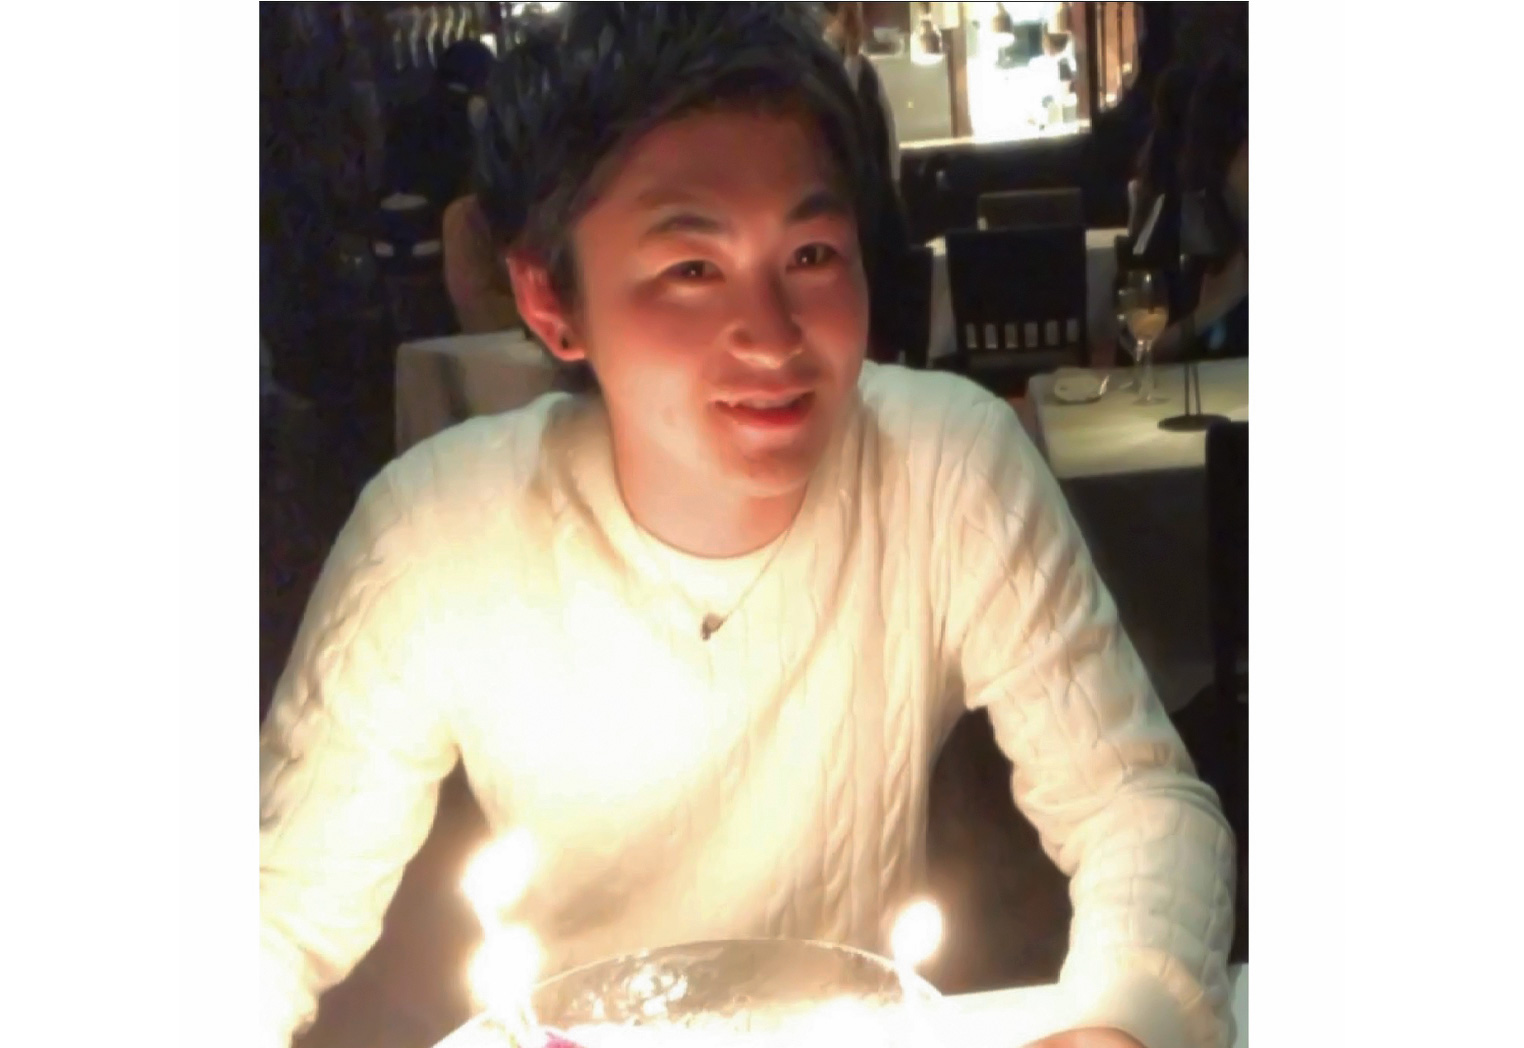 オフショット:愛知県、名古屋市のレストランにて